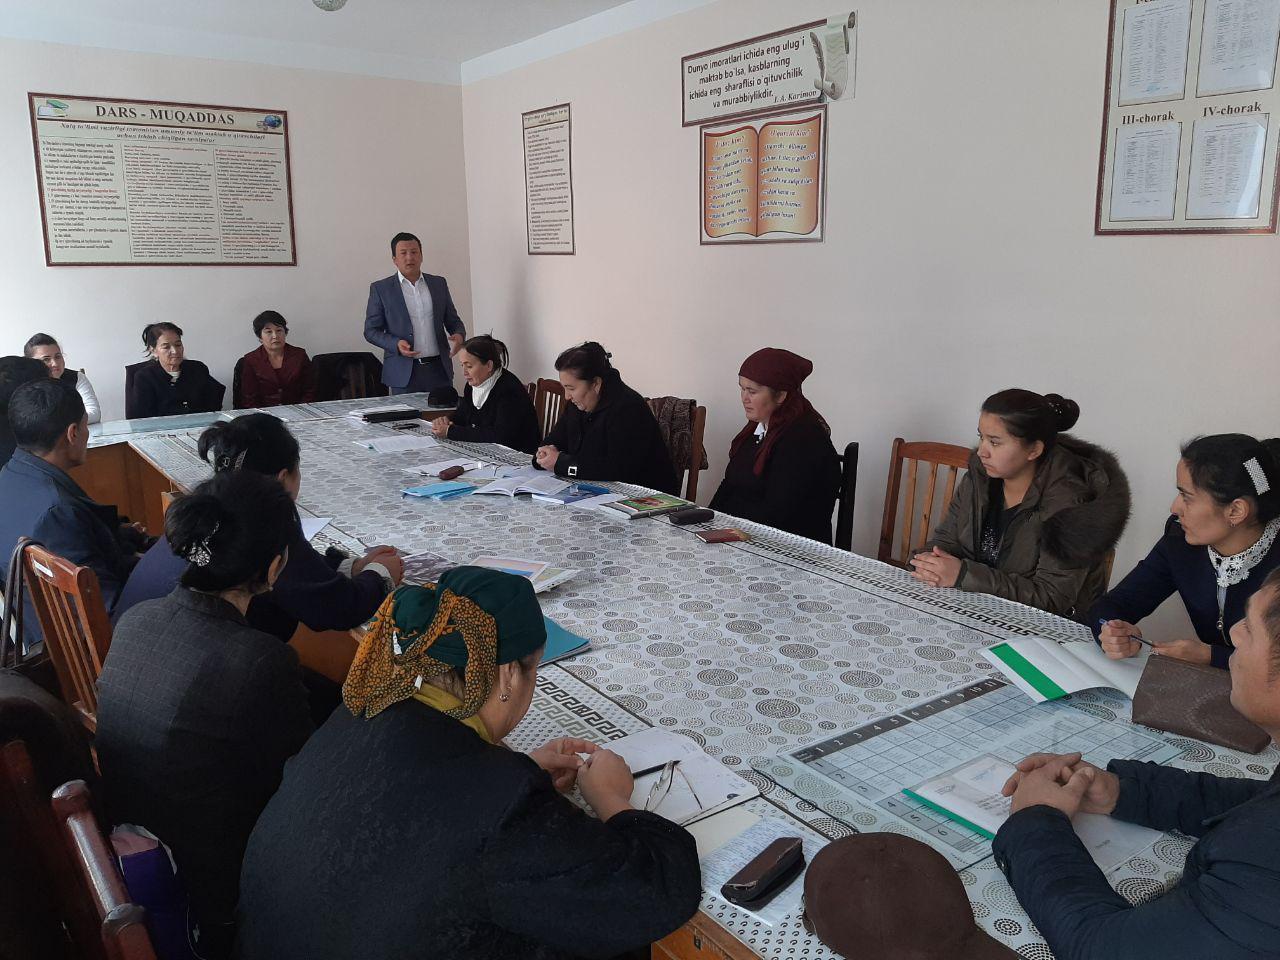 Преподаватели кафедры методики начального образования педагогического факультета провели мастер-классы.